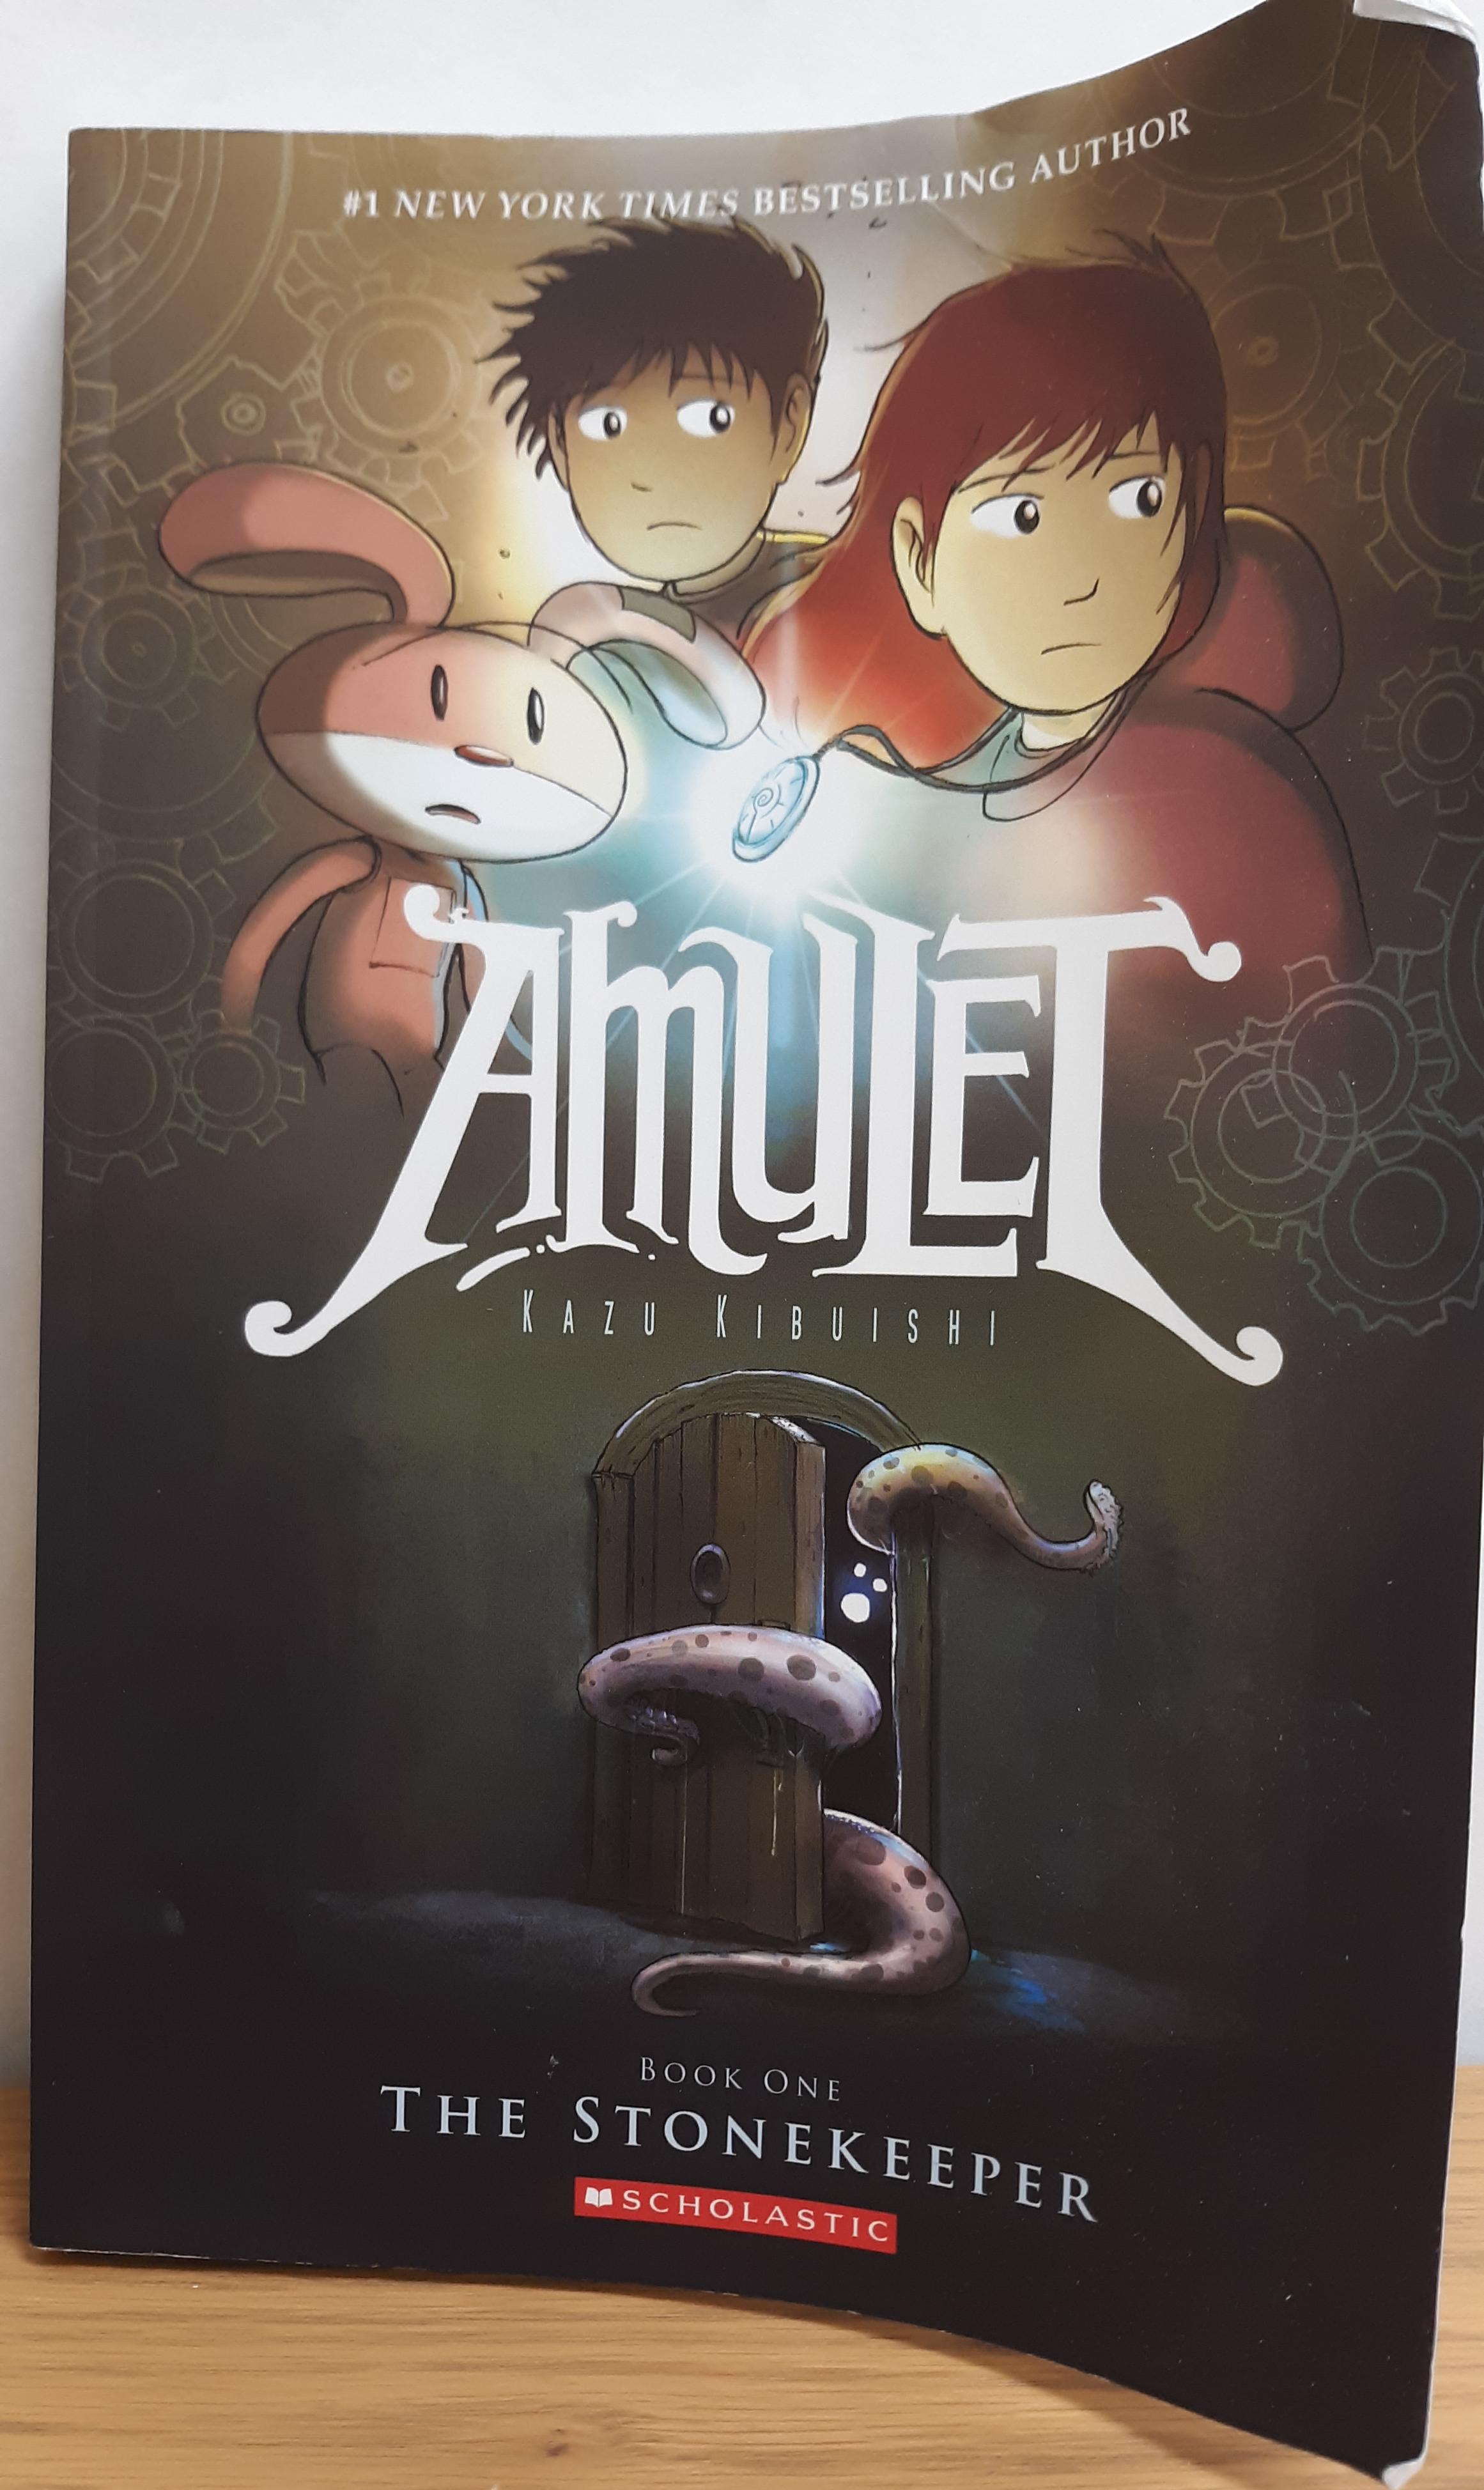 https://0201.nccdn.net/1_2/000/000/157/298/amulet.png